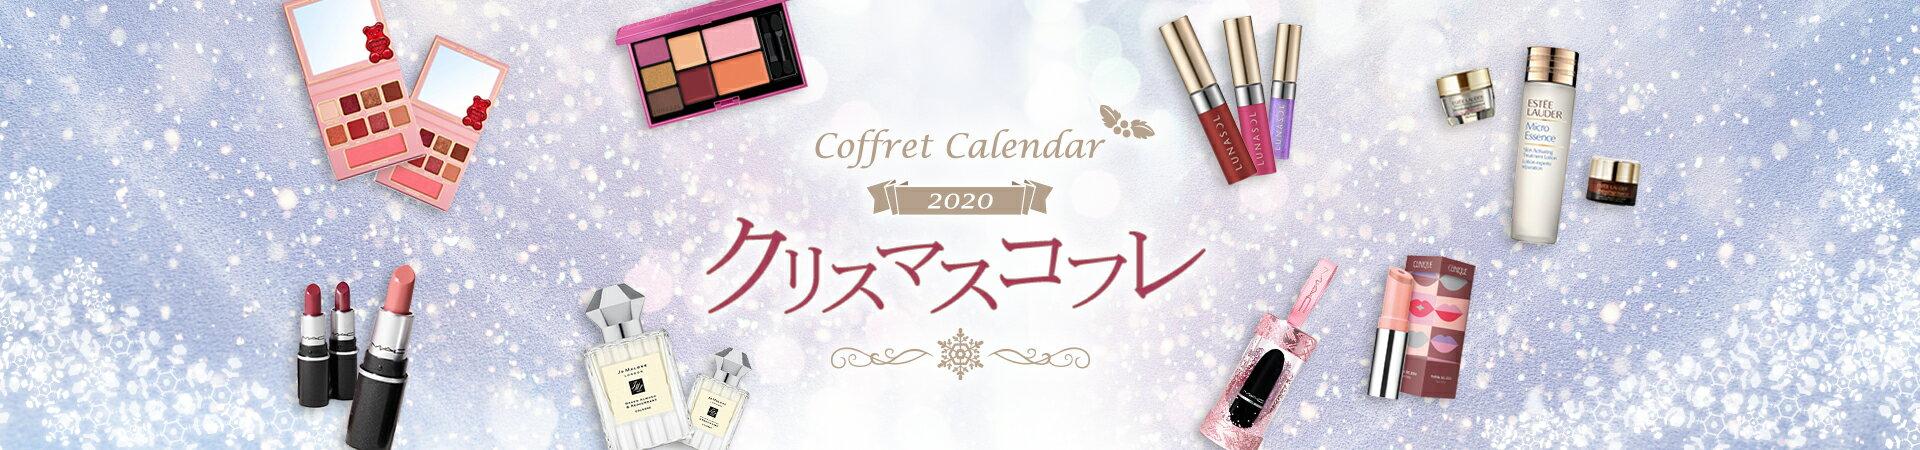 クリスマスコフレカレンダー